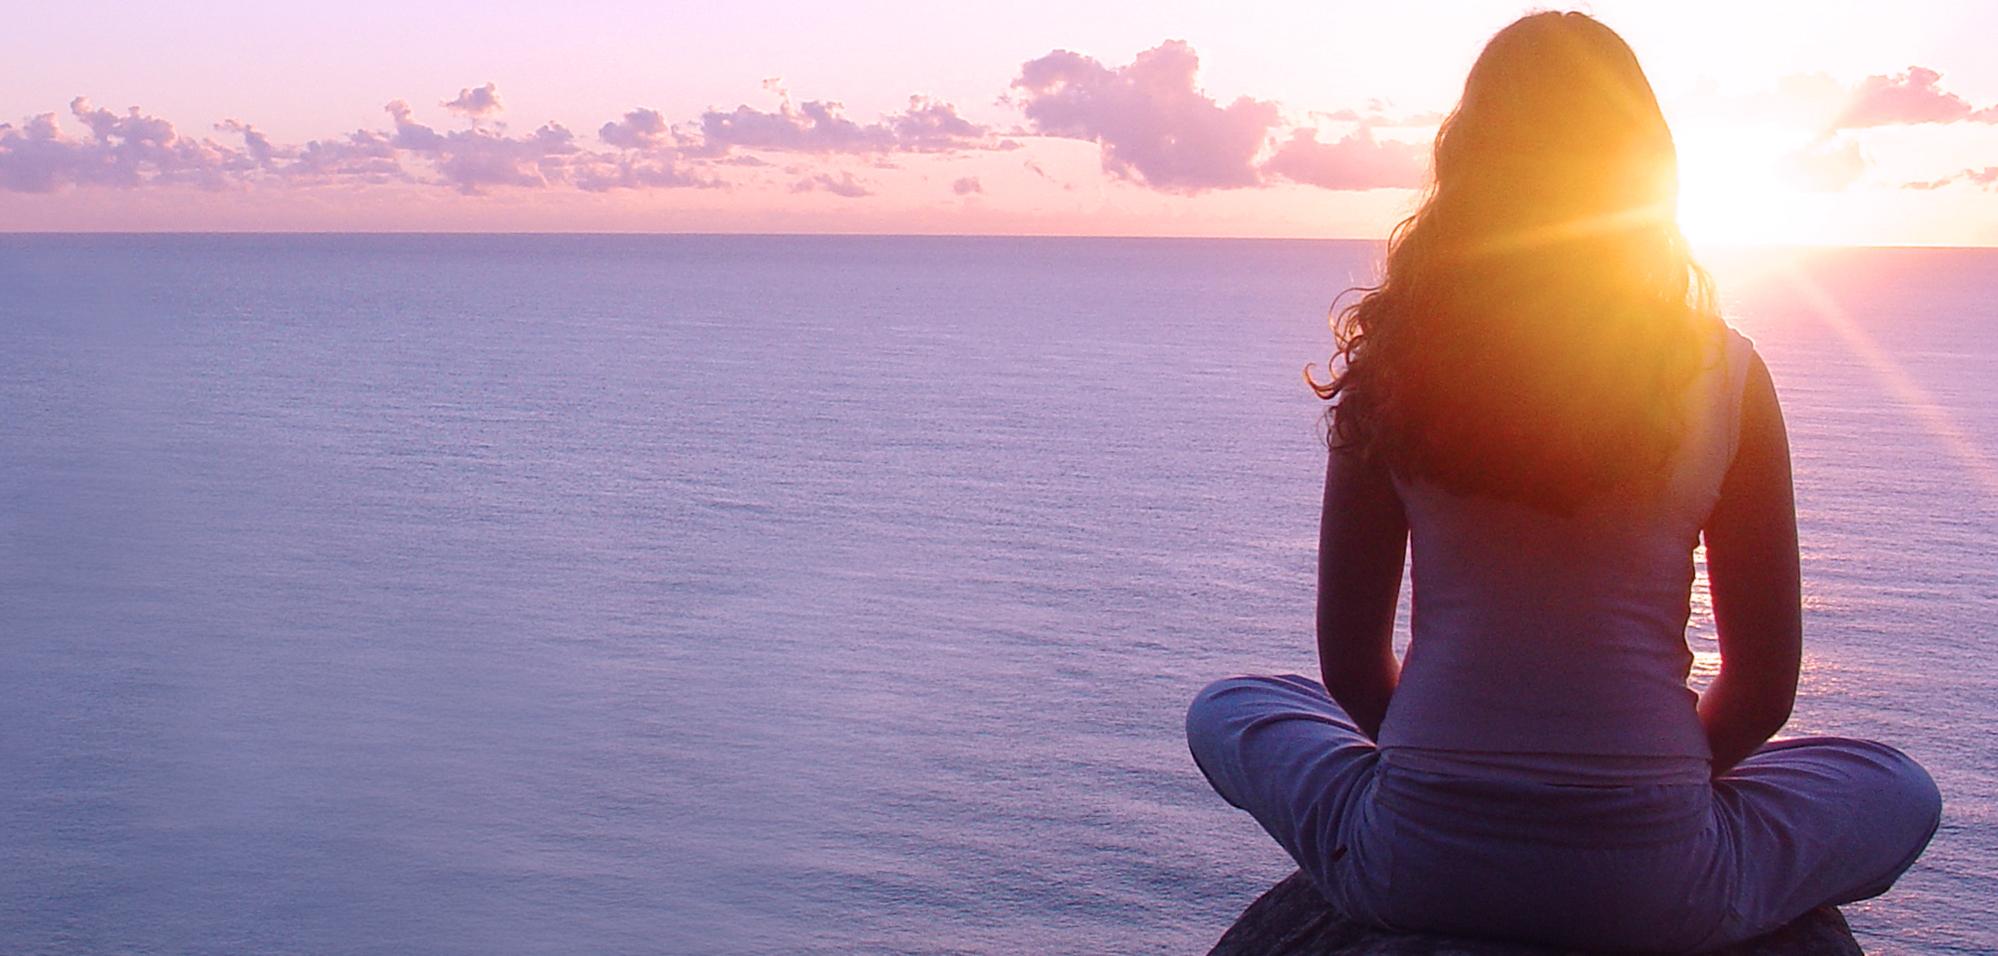 vipassana retiro de meditação